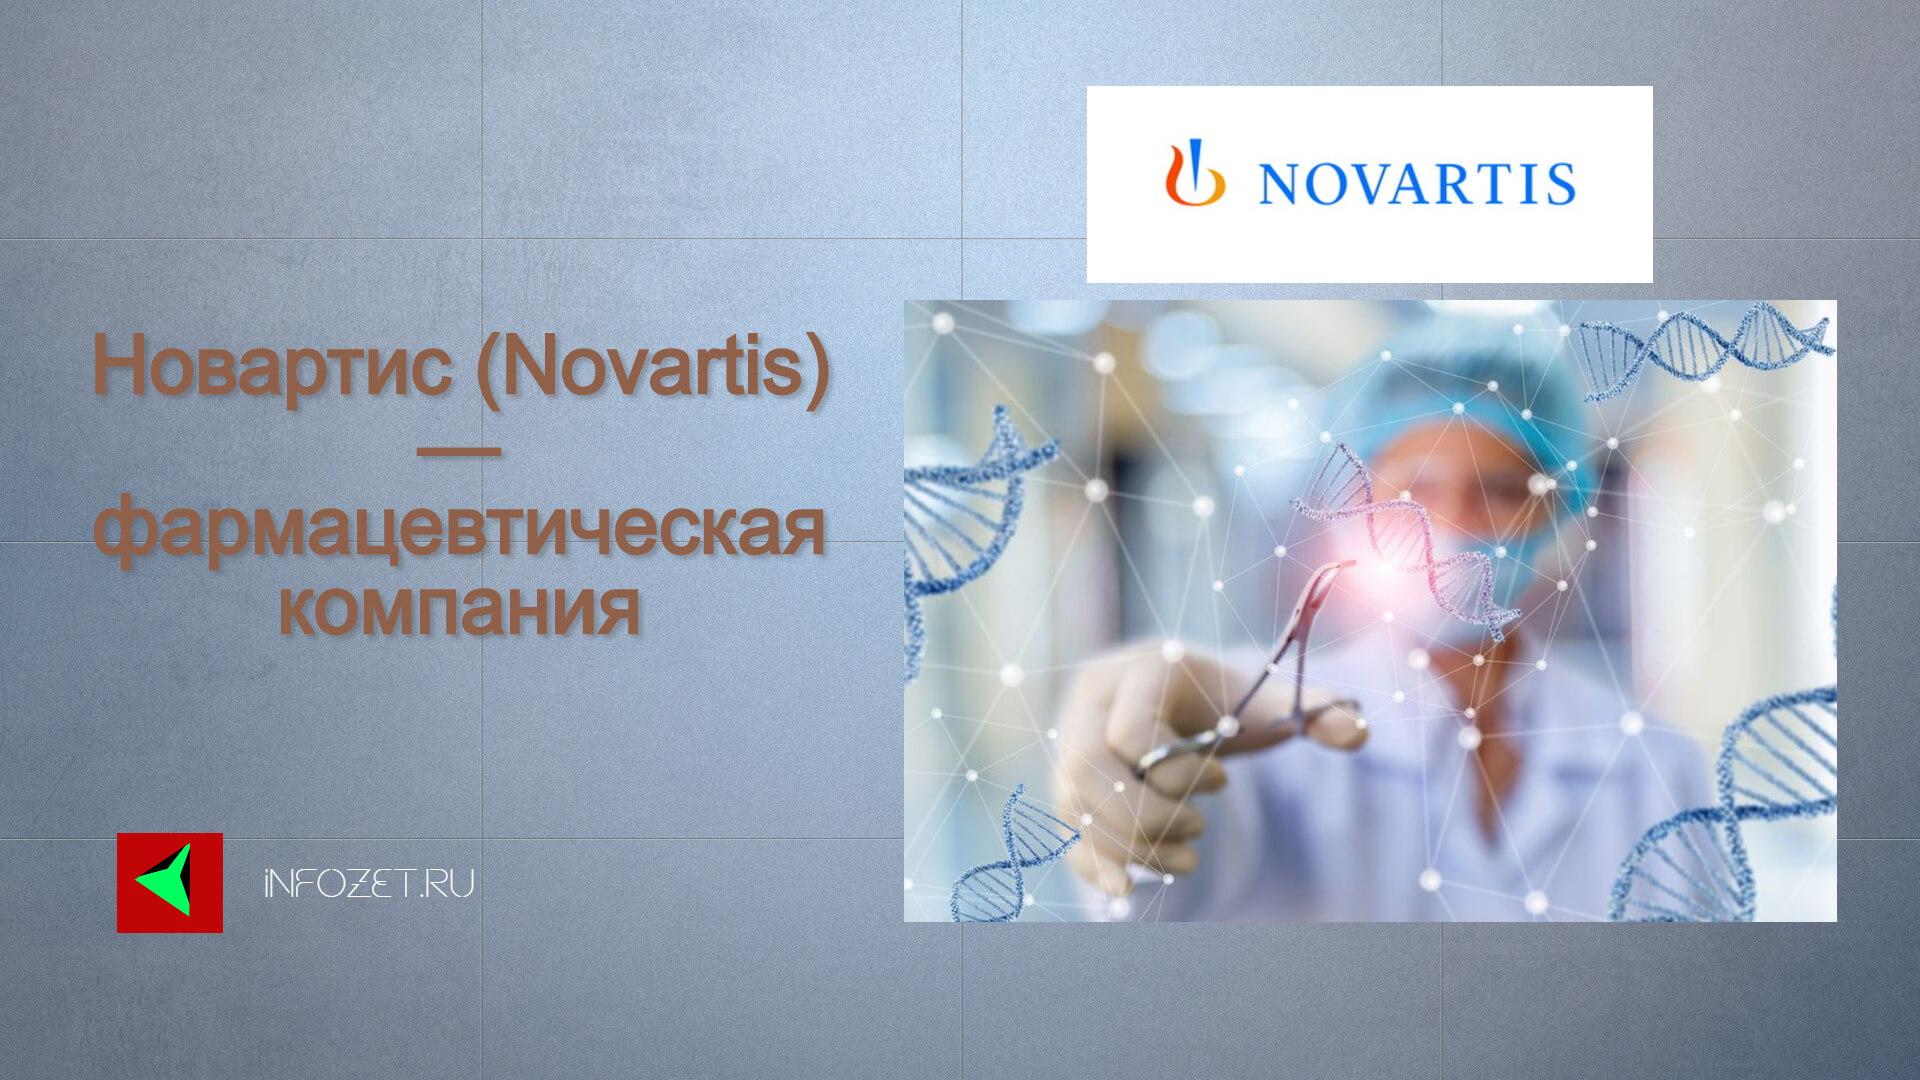 novartis-novartis-farmatsevticheskaya-kompaniya